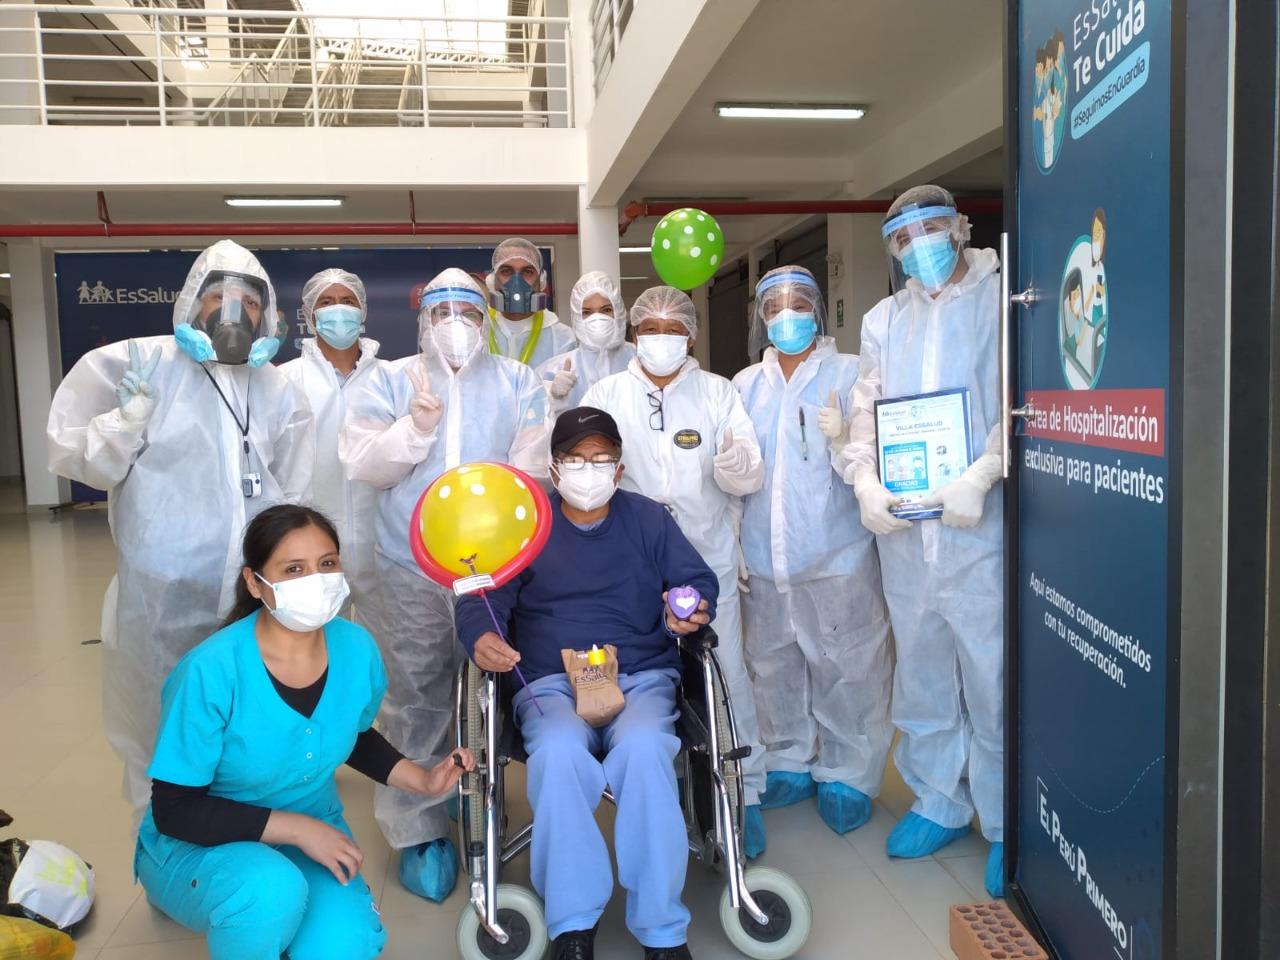 Essalud - Paciente de Villa EsSalud Cajamarca reconoce a  médicos y enfermeras que lo cuidaron durante su hospitalización